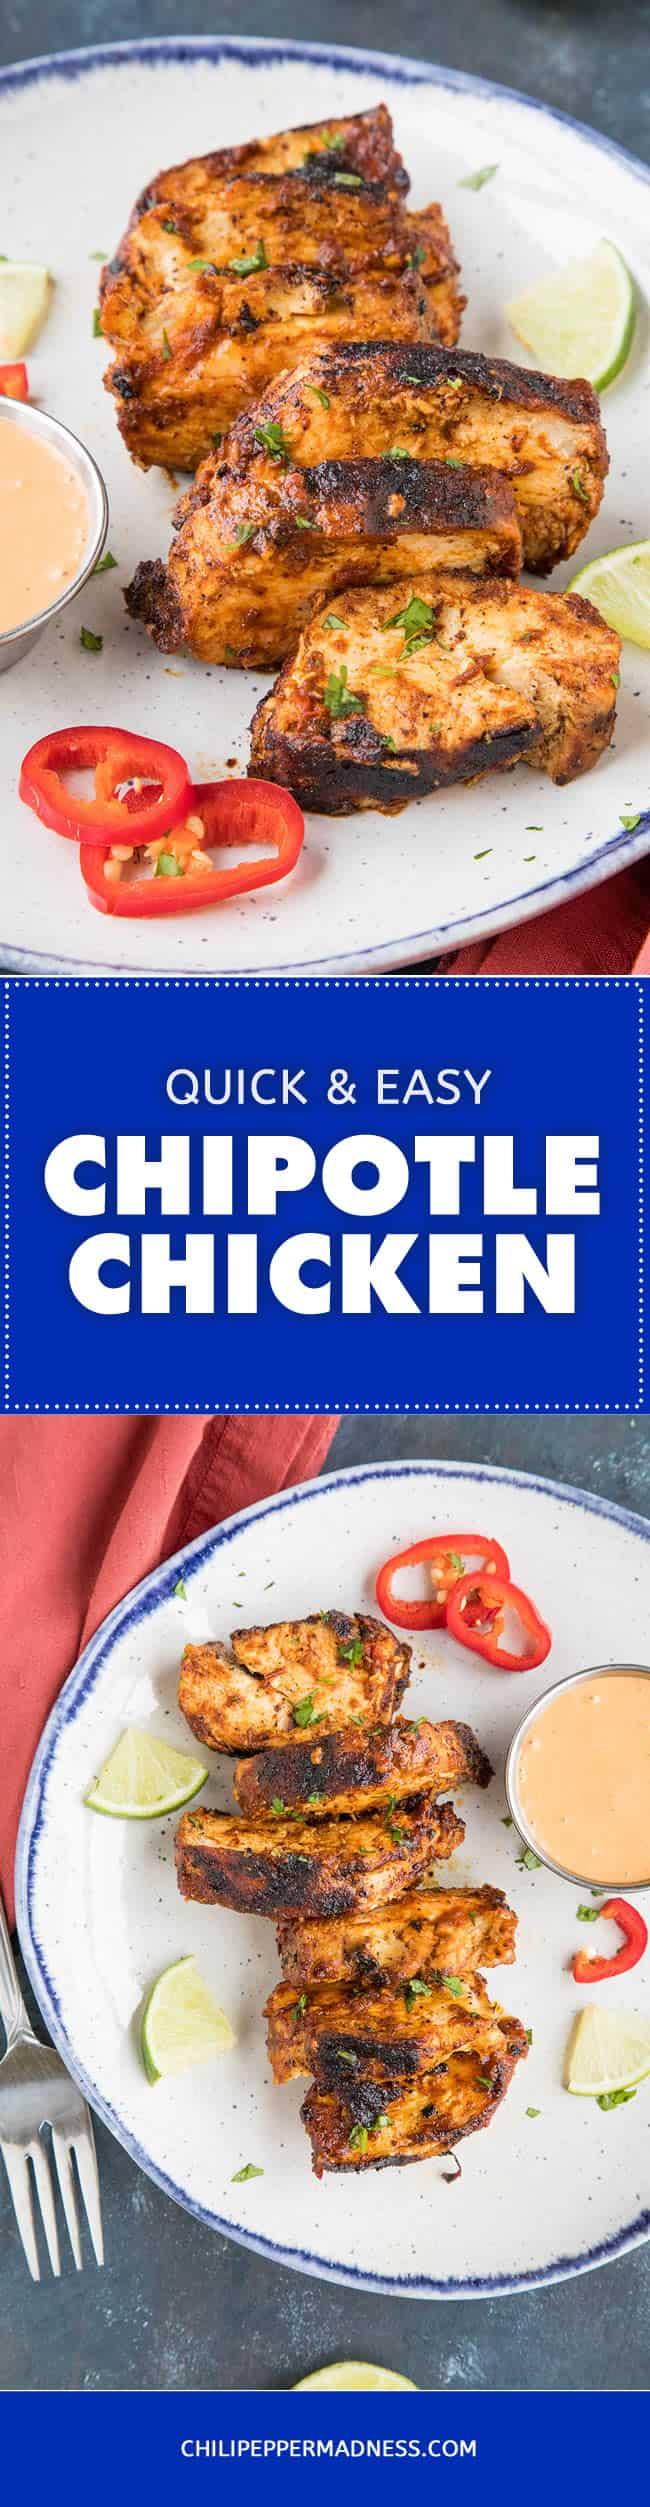 Chipotle Chicken Recipe - Recipe   ChiliPepperMadness.com #chipotle #easydinner #spicyfood